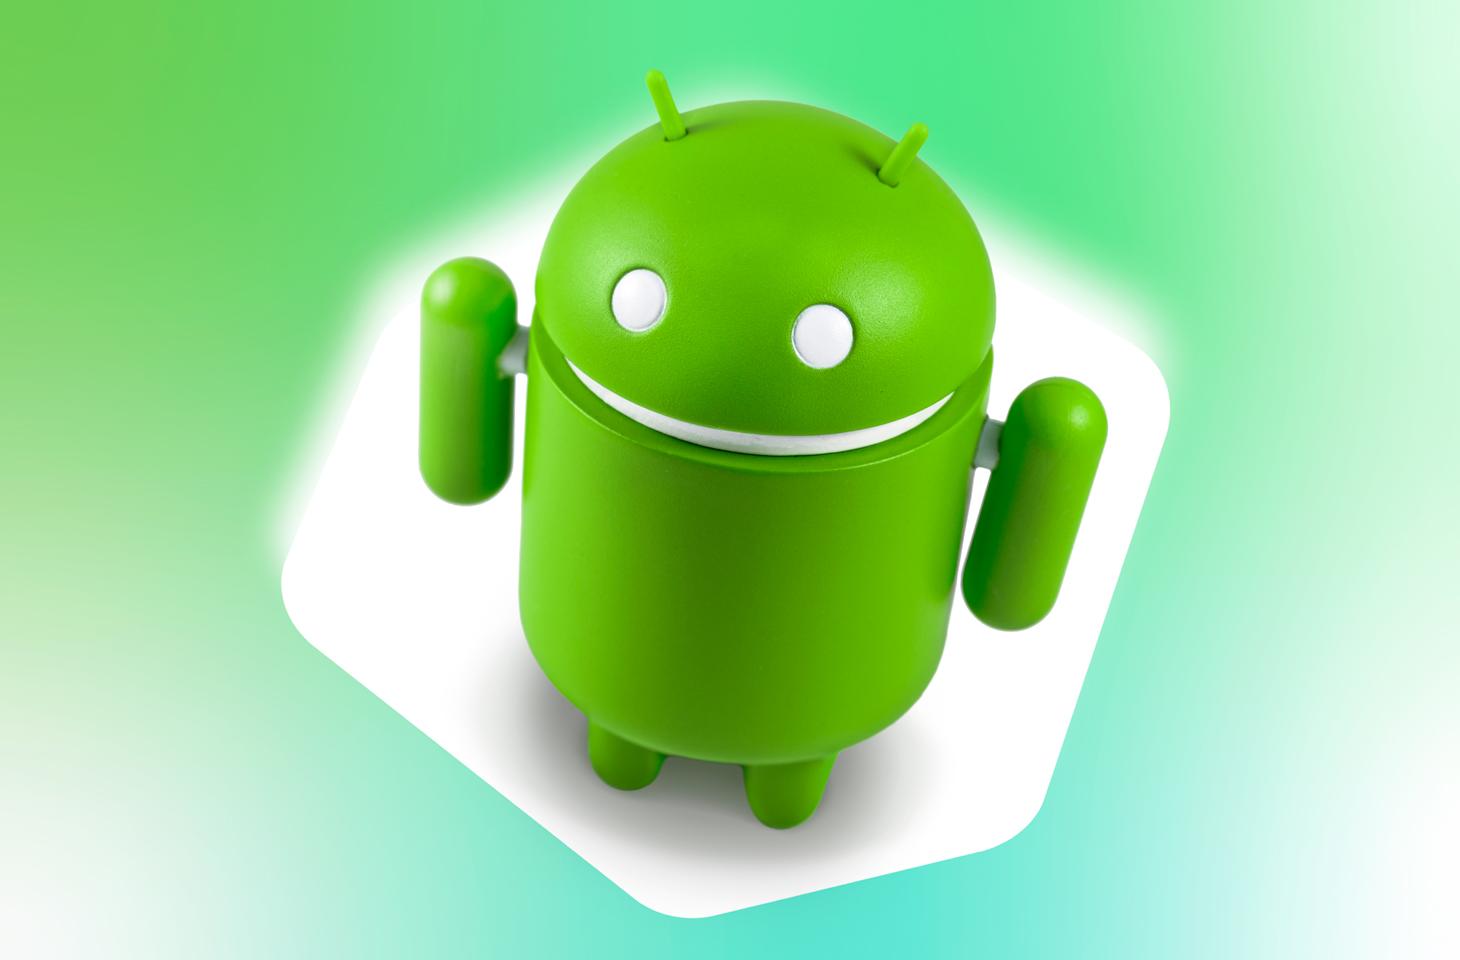 Yeni Android Özelliği Sayesinde Spam Aramaları Geri Çevrilecek!